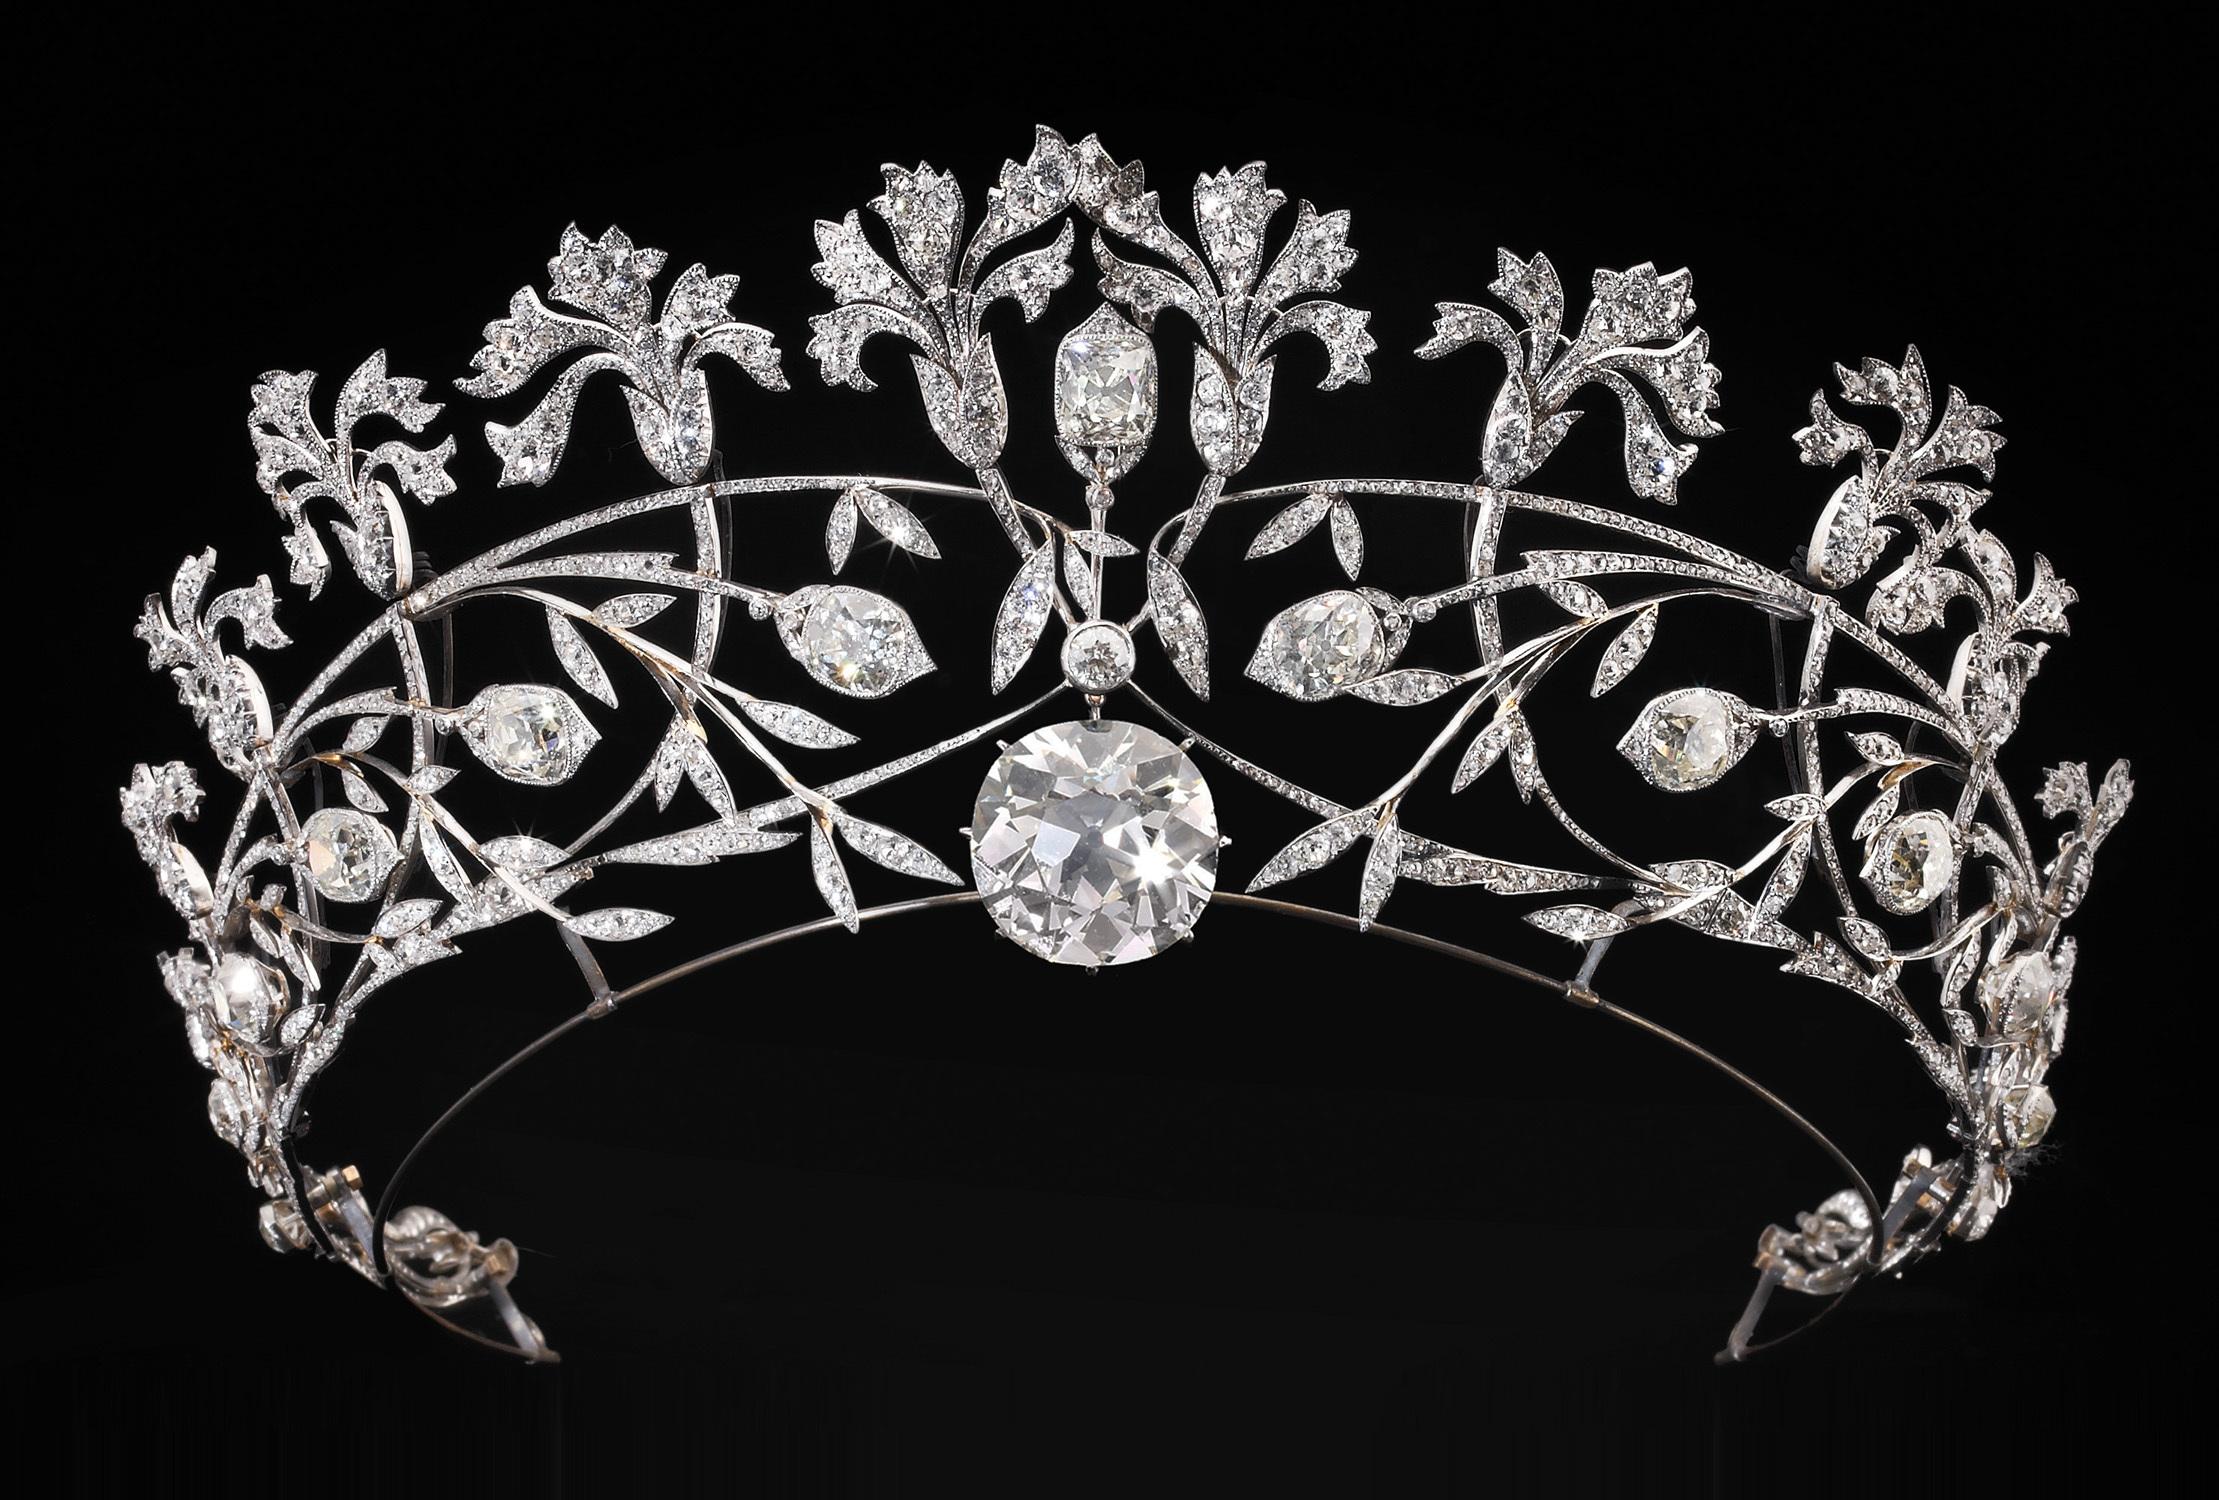 ジョゼフ・ショーメ 《カーネーションのティアラ》 1907年 プラチナ、ダイヤモンド 個人蔵 (C) Courtesy of Albion Art Jewellery Institute